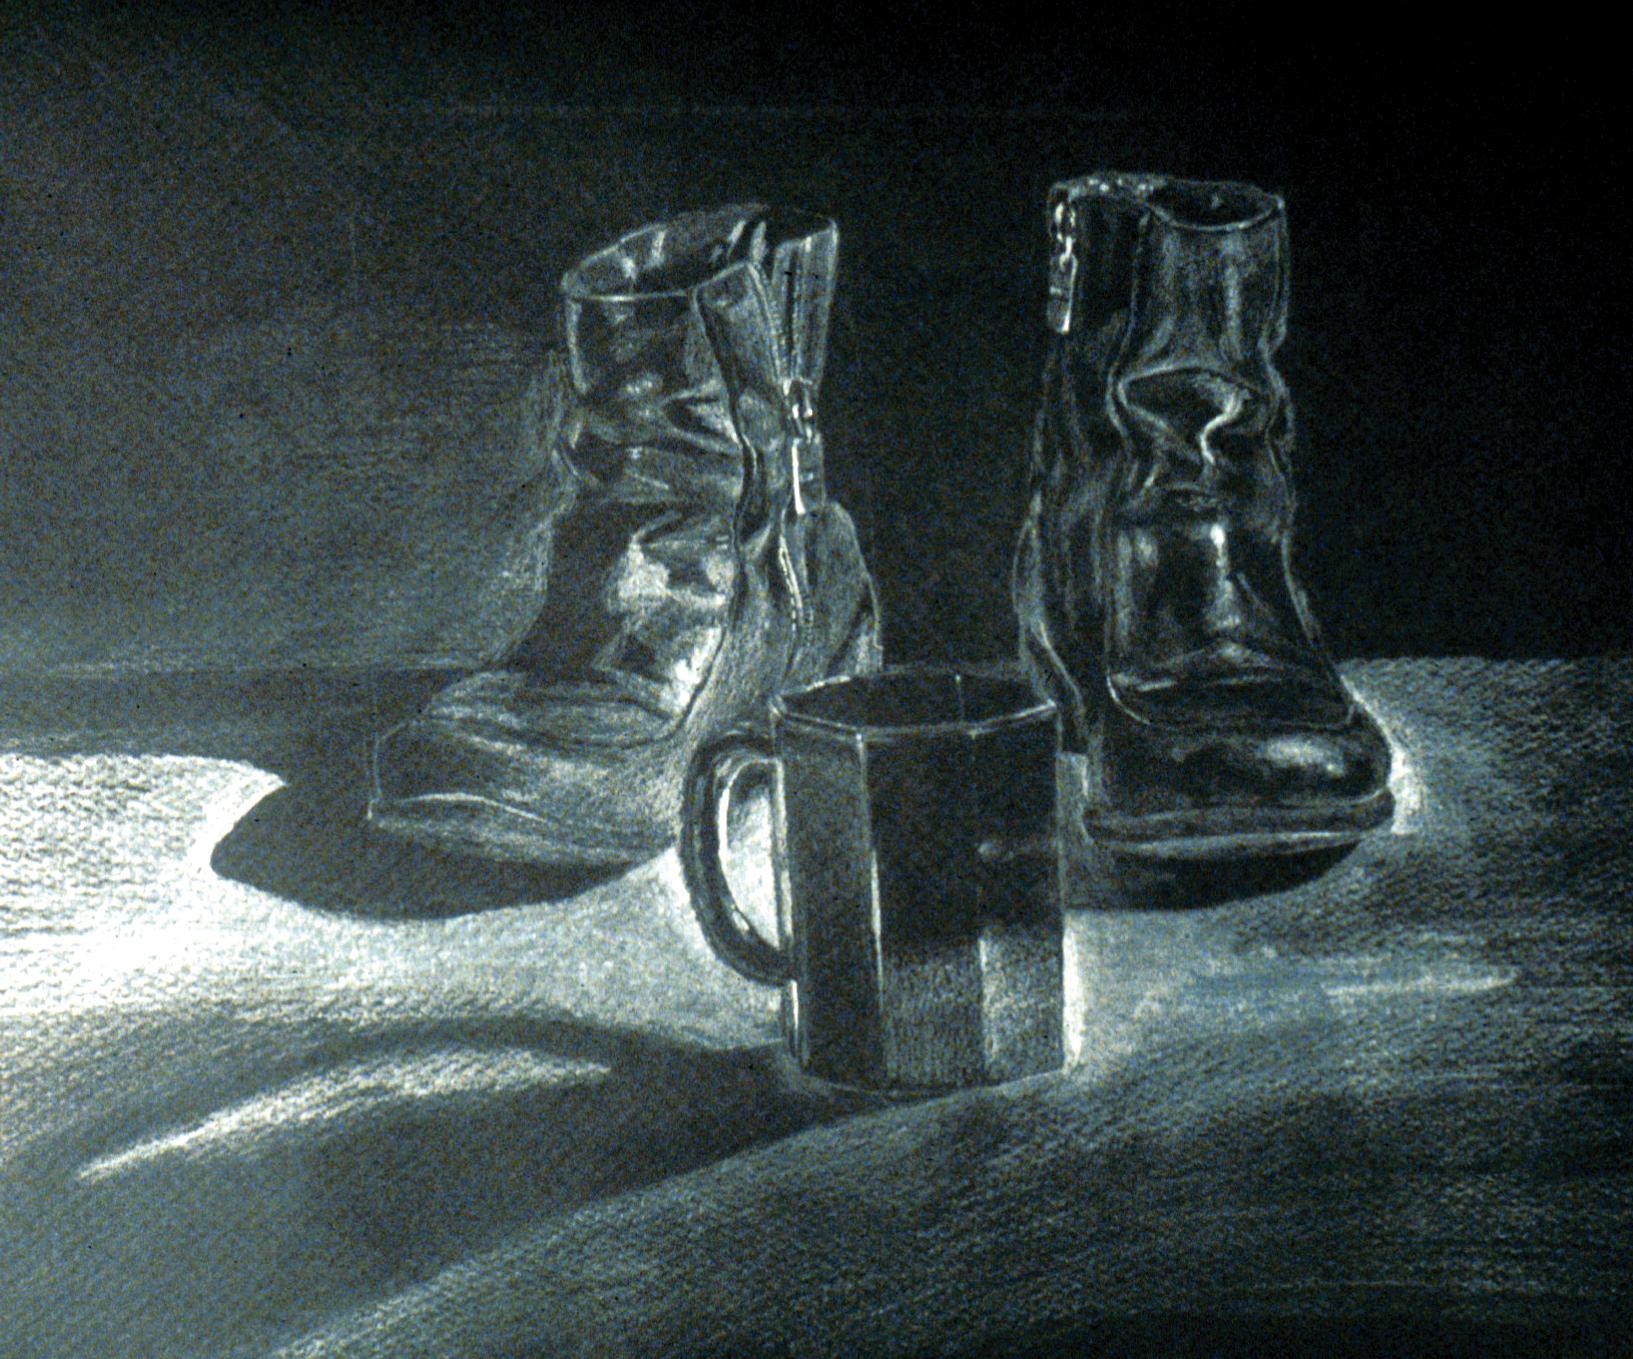 Black boots and mug